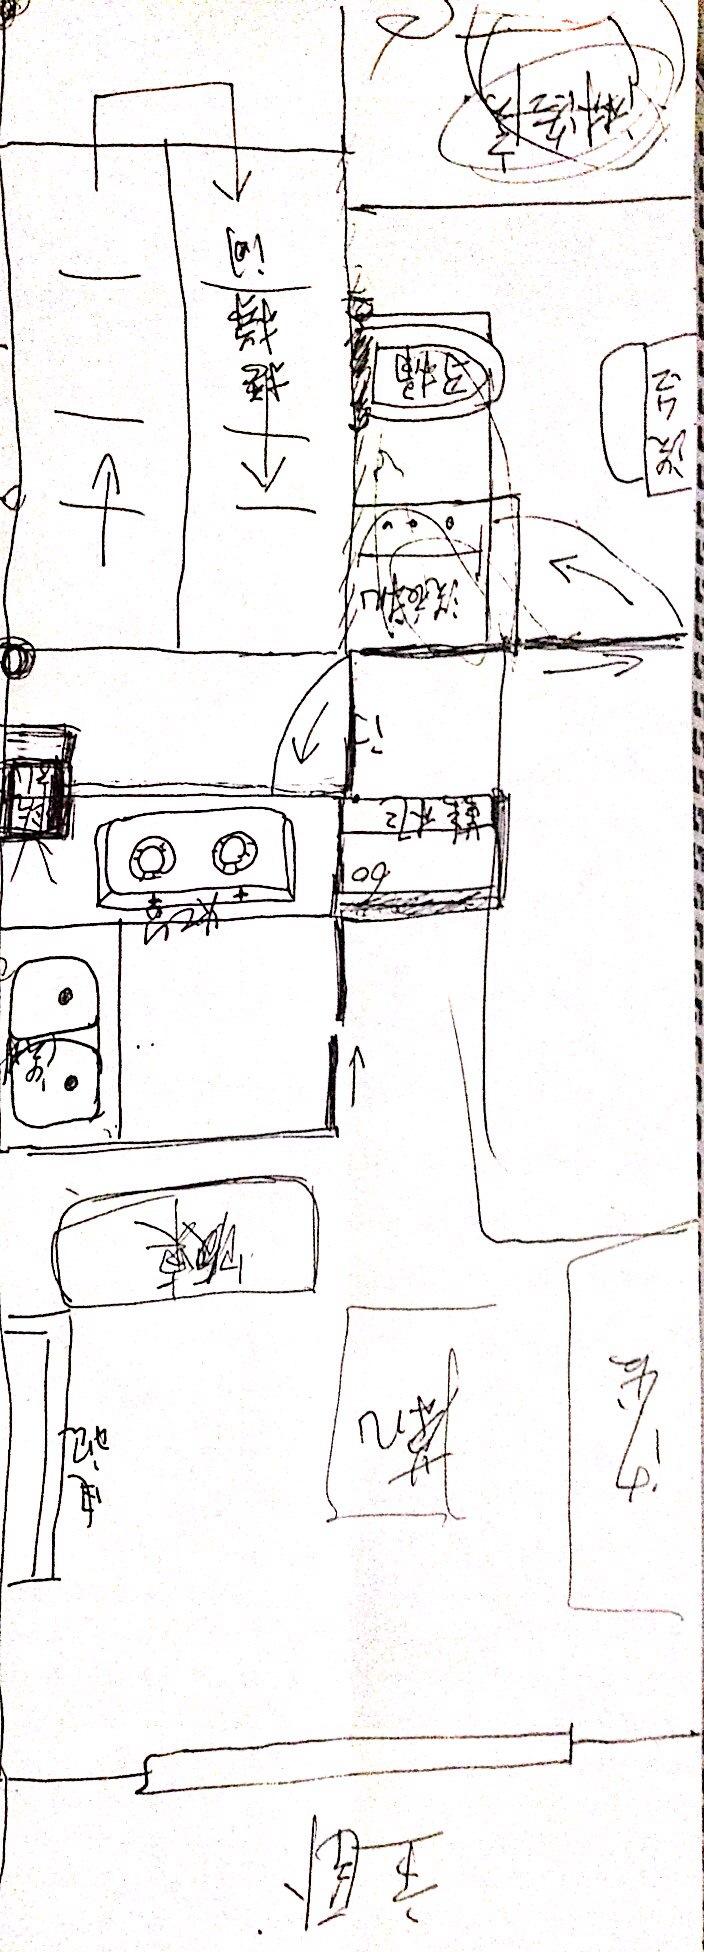 求个自建房设计图,地面3.